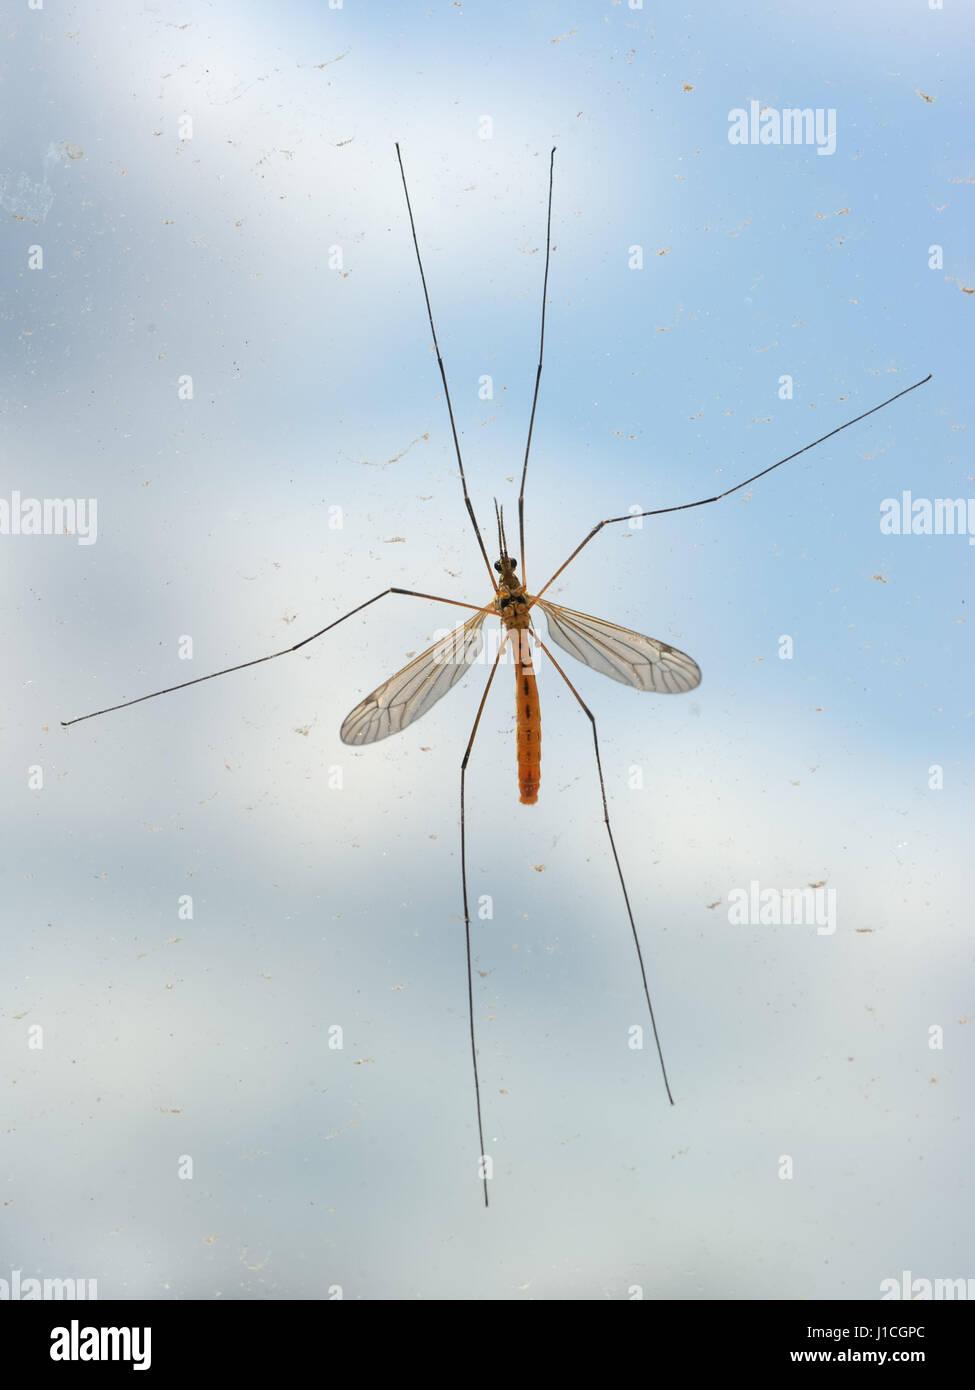 Mosquito bug on window - Stock Image